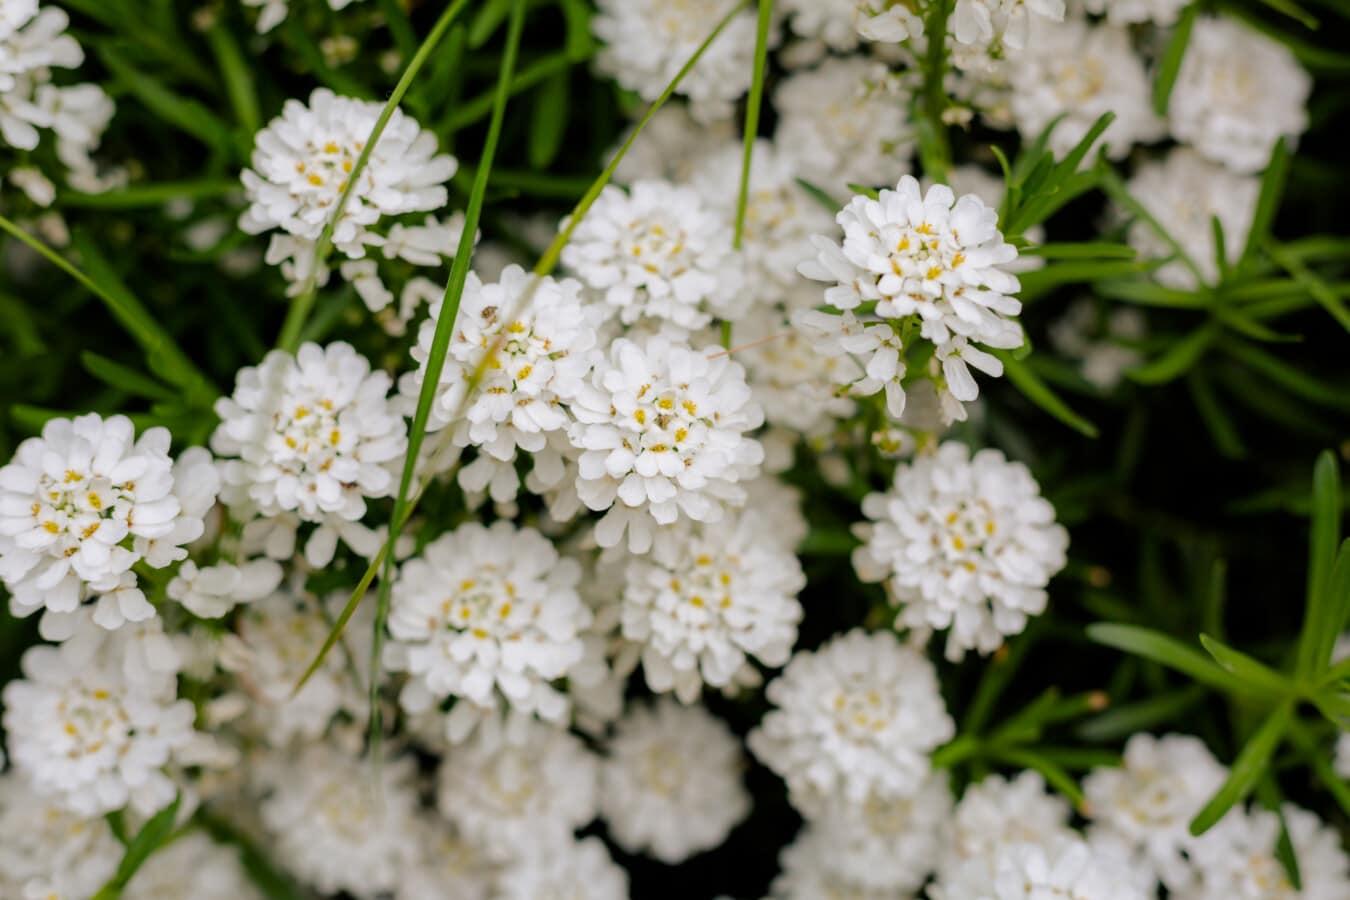 Wildblumen, weiße Blume, grasbewachsenen, Blume, Natur, Kraut, Blüte, Blatt, Anlage, Sommer